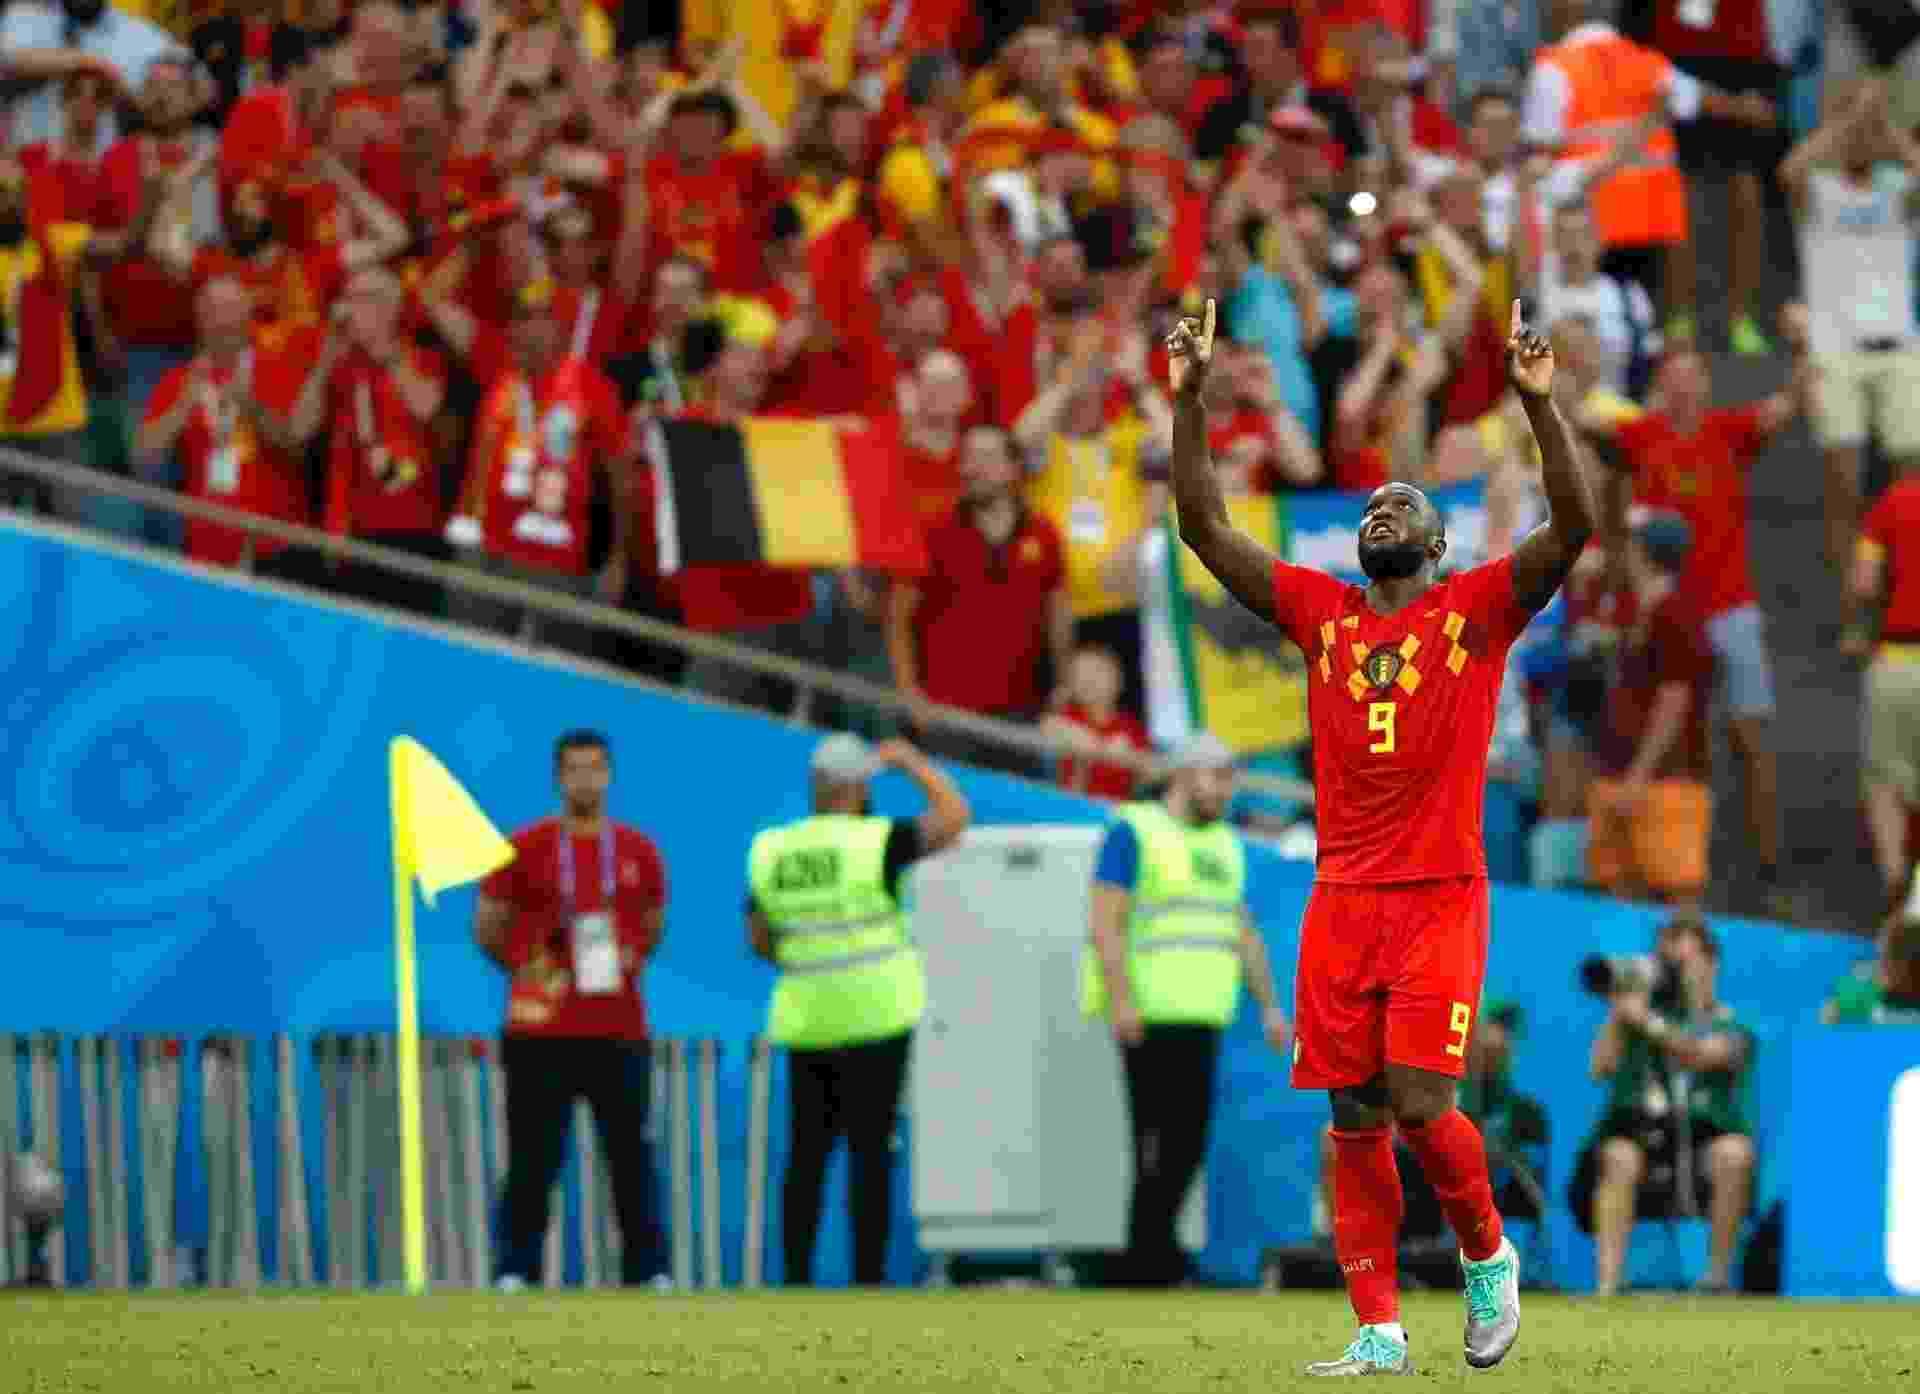 Lukaku comemora e agradece após marcar o segundo gol da Bélgica sobre o Panamá - Julian Finney/Getty Images